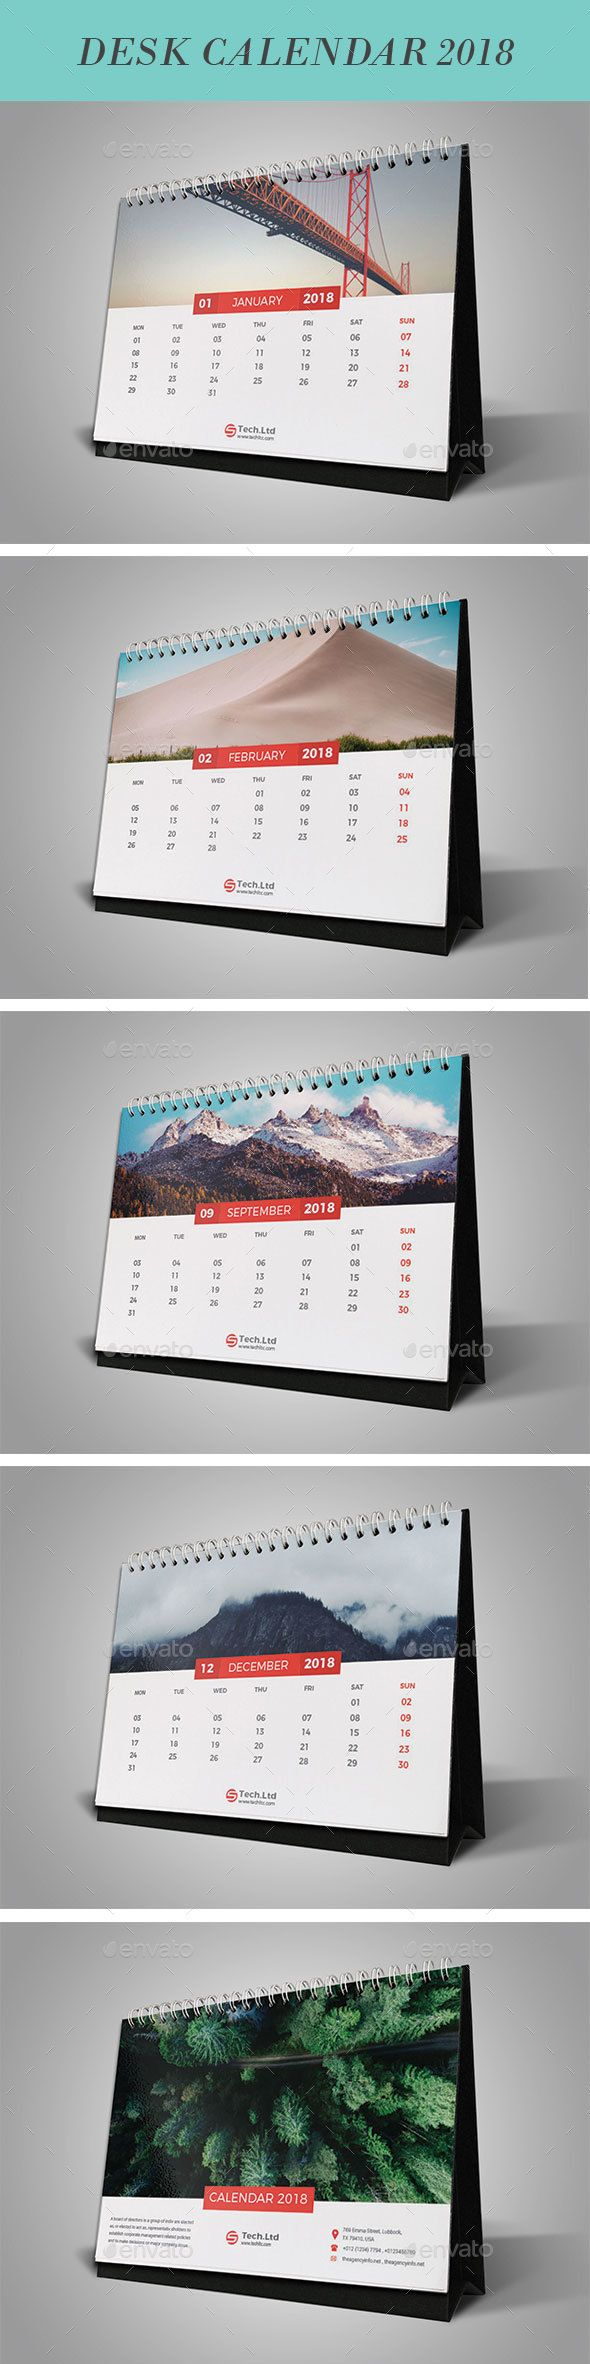 Diy Calendar Supplies : Best desk calendars ideas on pinterest diy